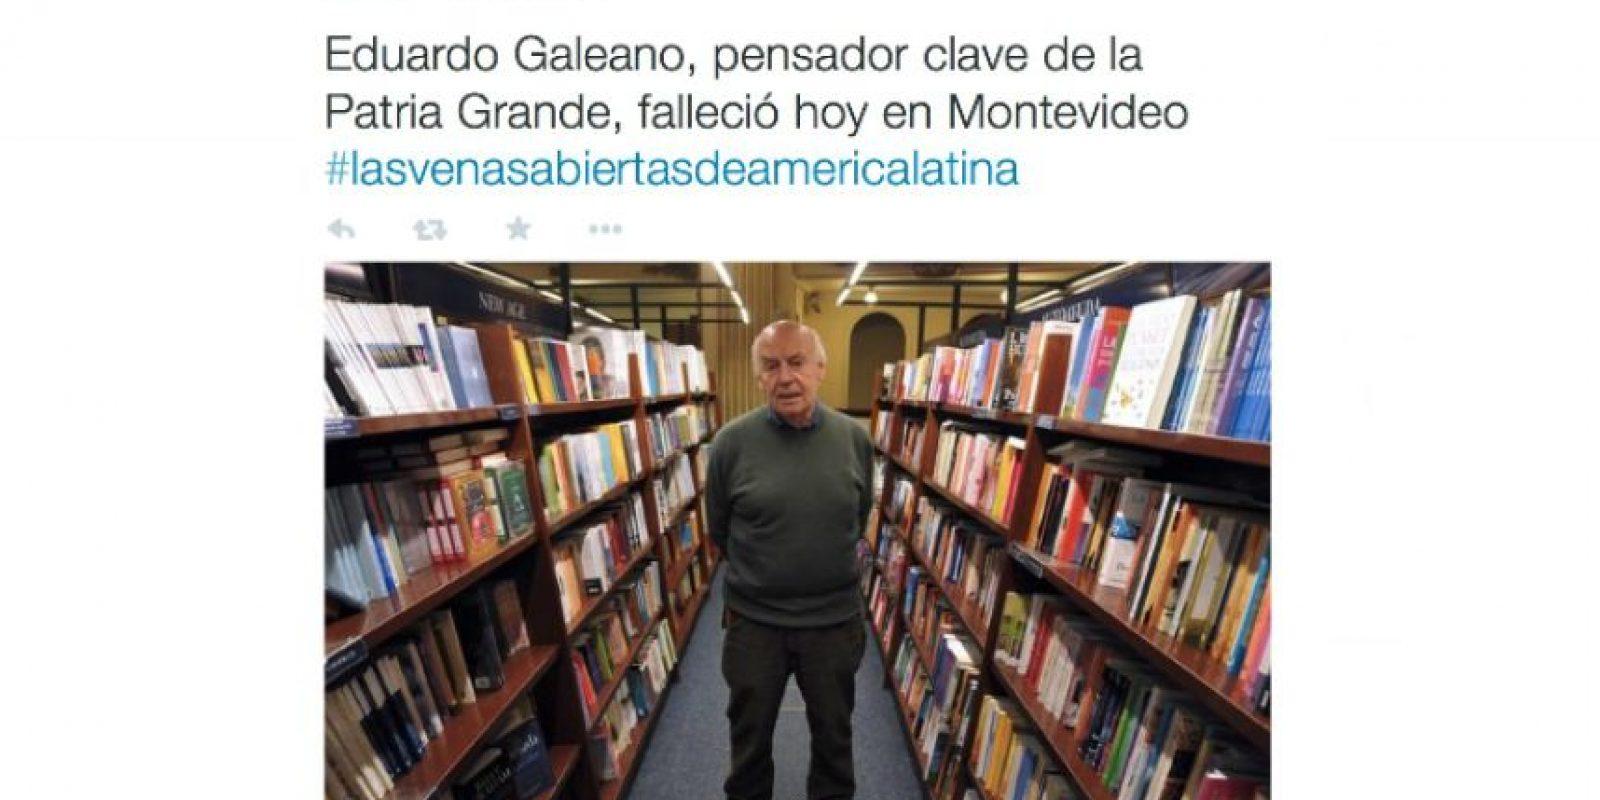 Casa Rosada, cuenta oficial del Gobierno de Argentina Foto:Twiiter.com/